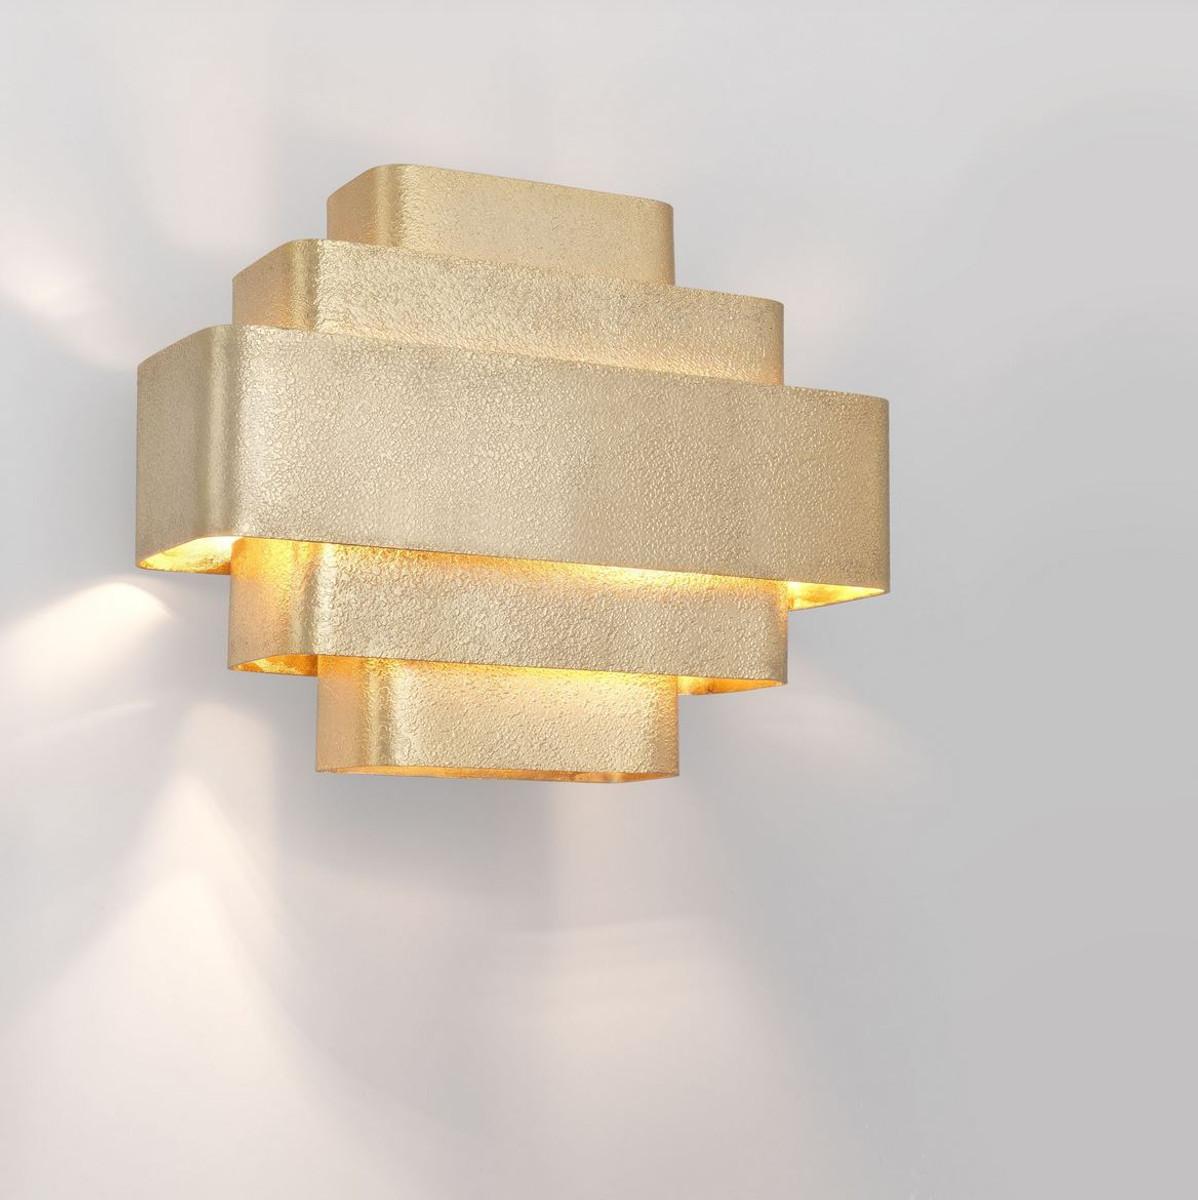 Casa Padrino Lampada Da Parete Di Lusso Oro 38 X 12 5 X A 31 Cm Elegante Lampada Da Parete Per Soggiorno Luci Soggiorno Casa Padrino De